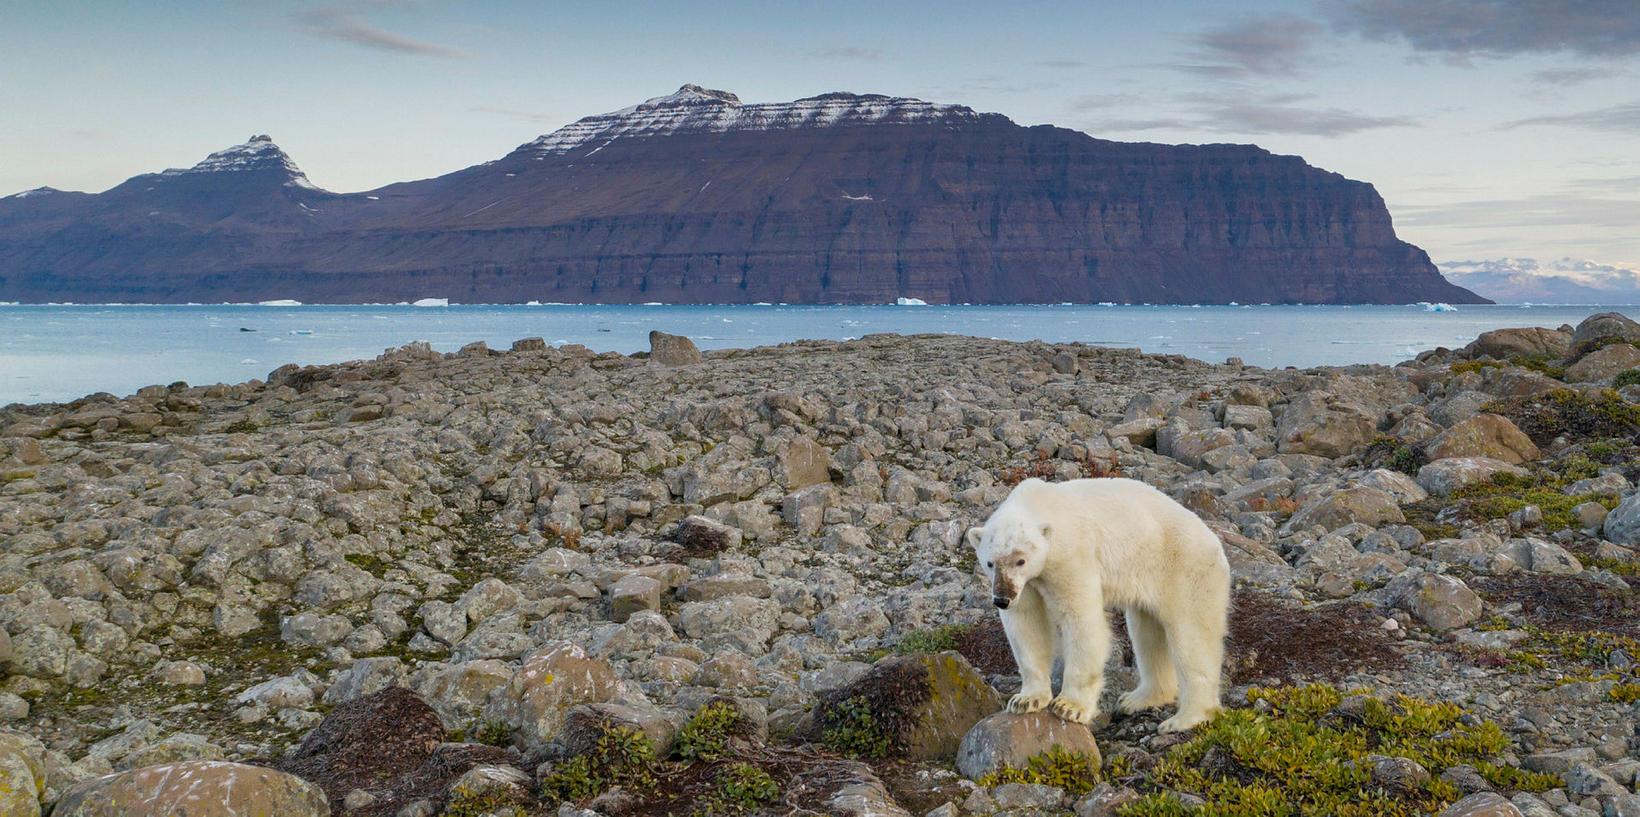 Polar bear in Greenland.